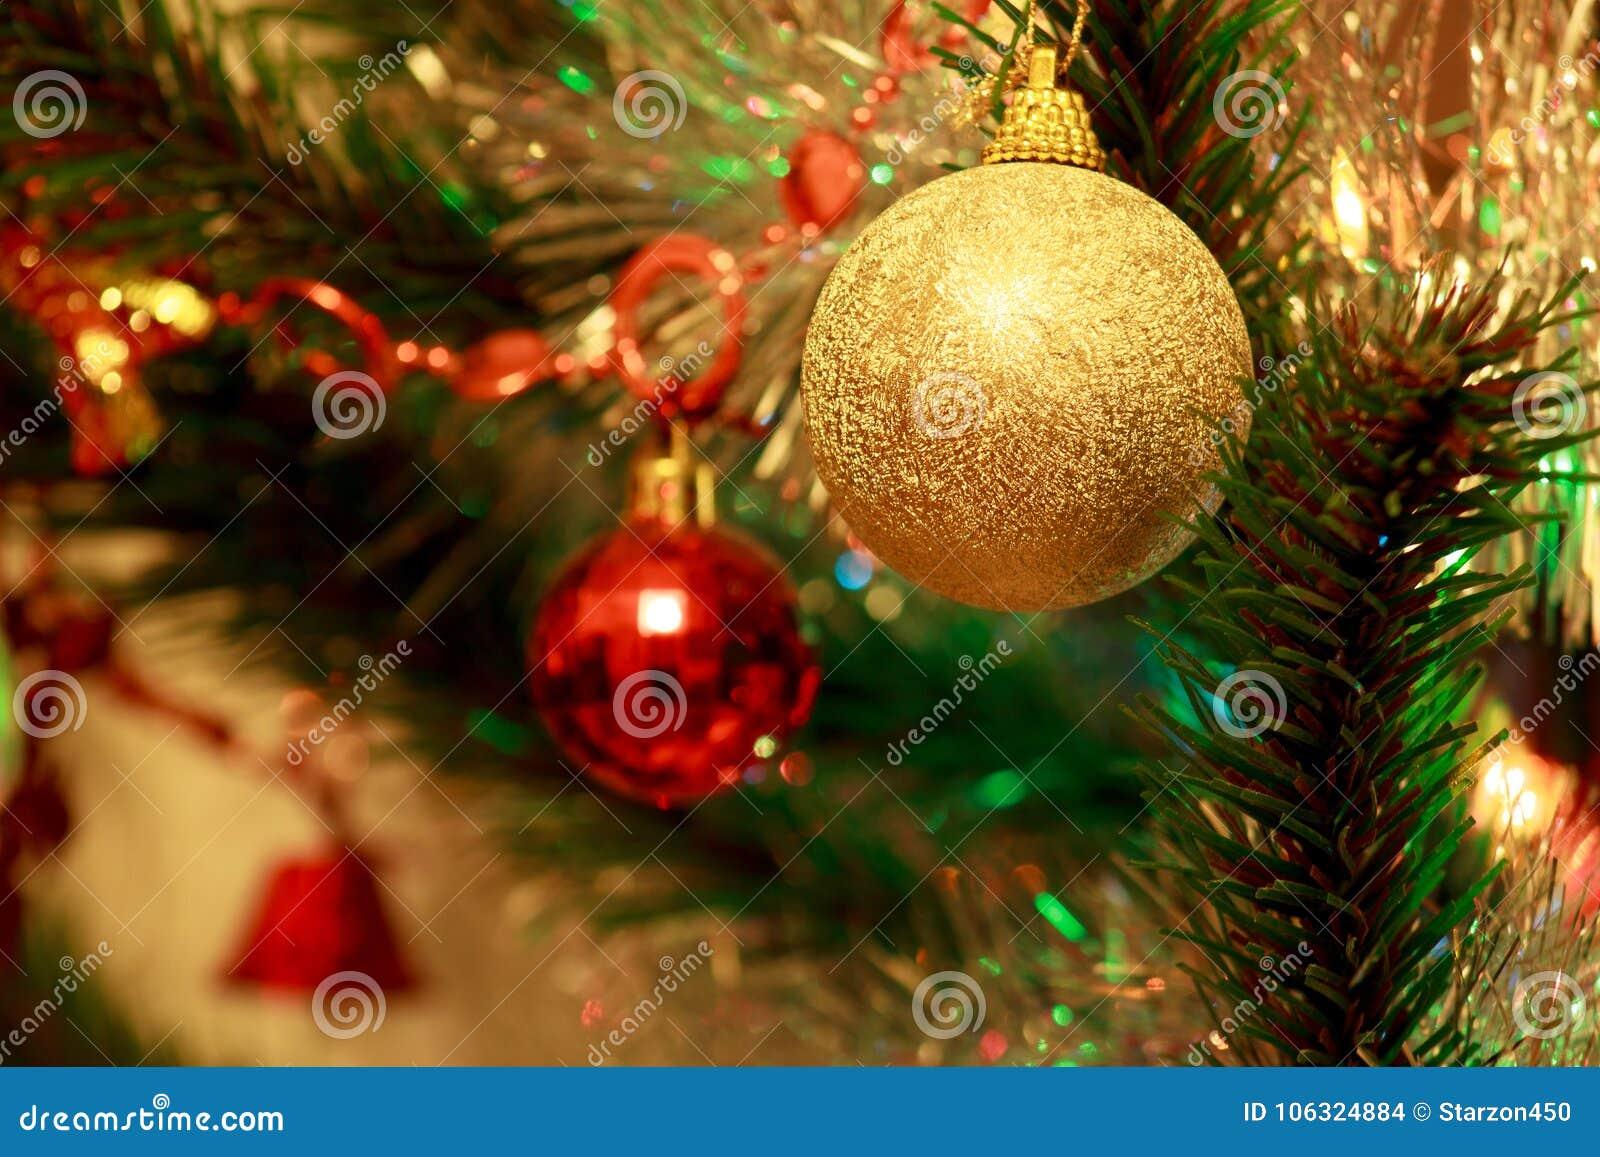 Christmas Tree With Beautiful Christmas Balls. Stock Photo - Image ...